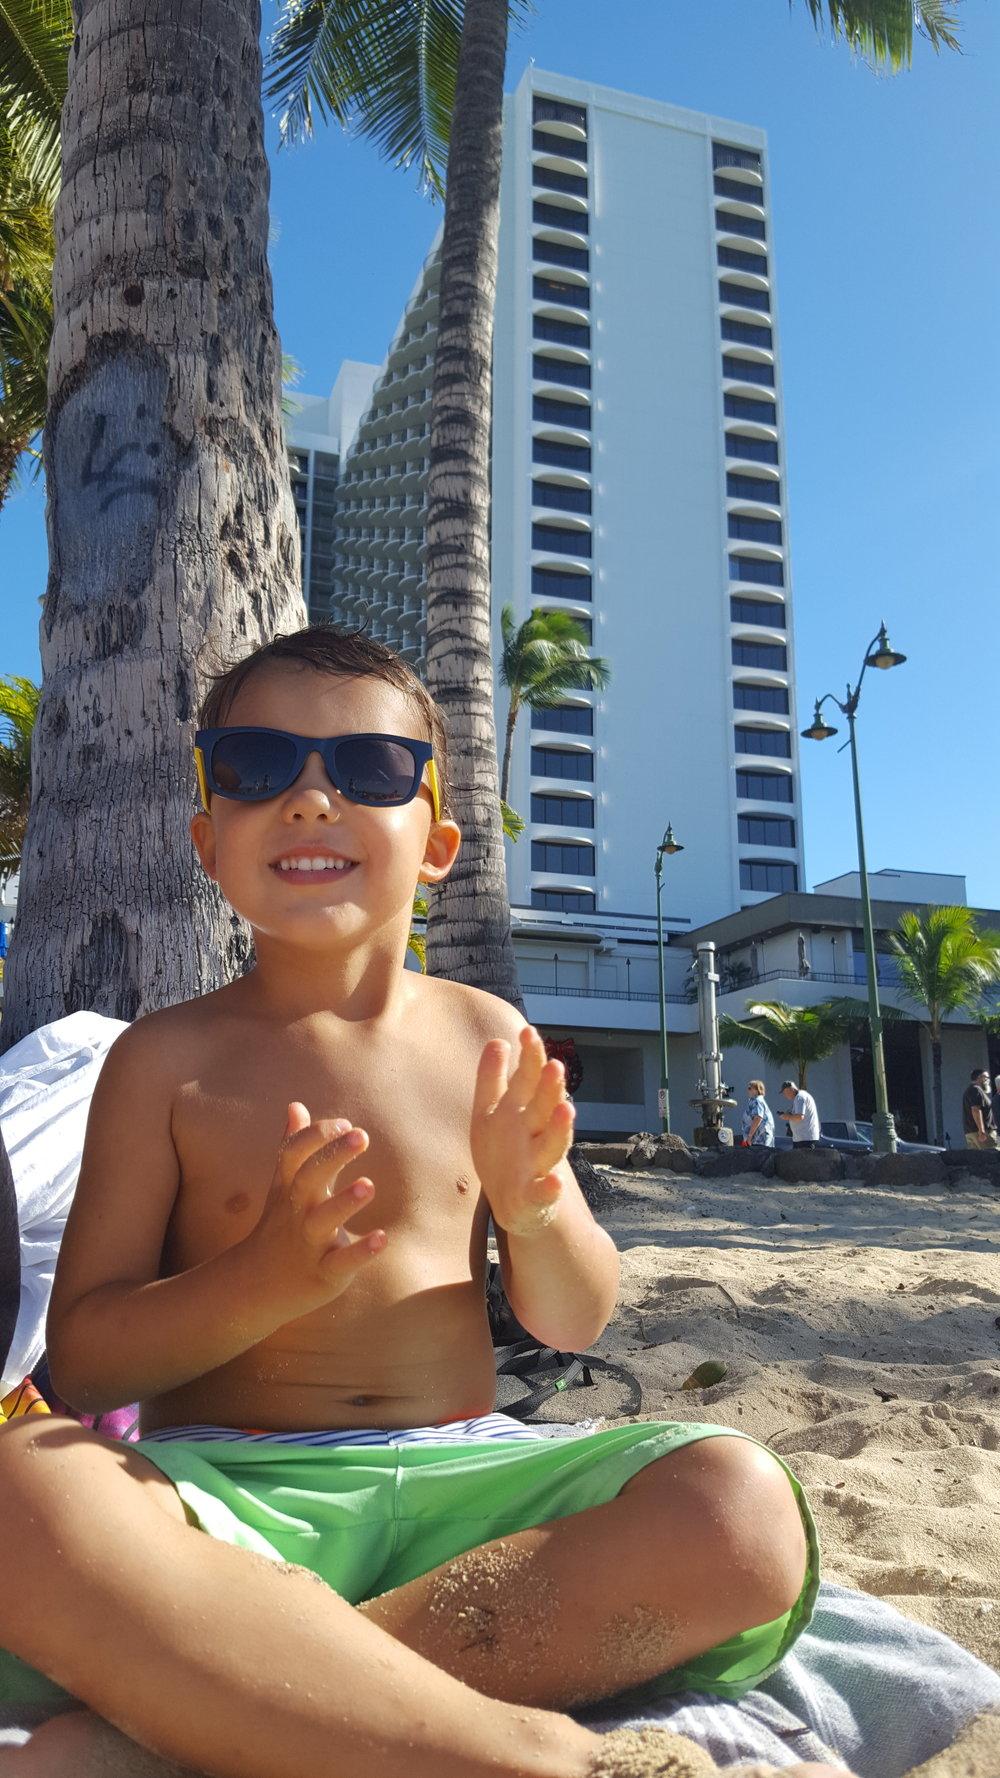 Reid on Waikiki Beach